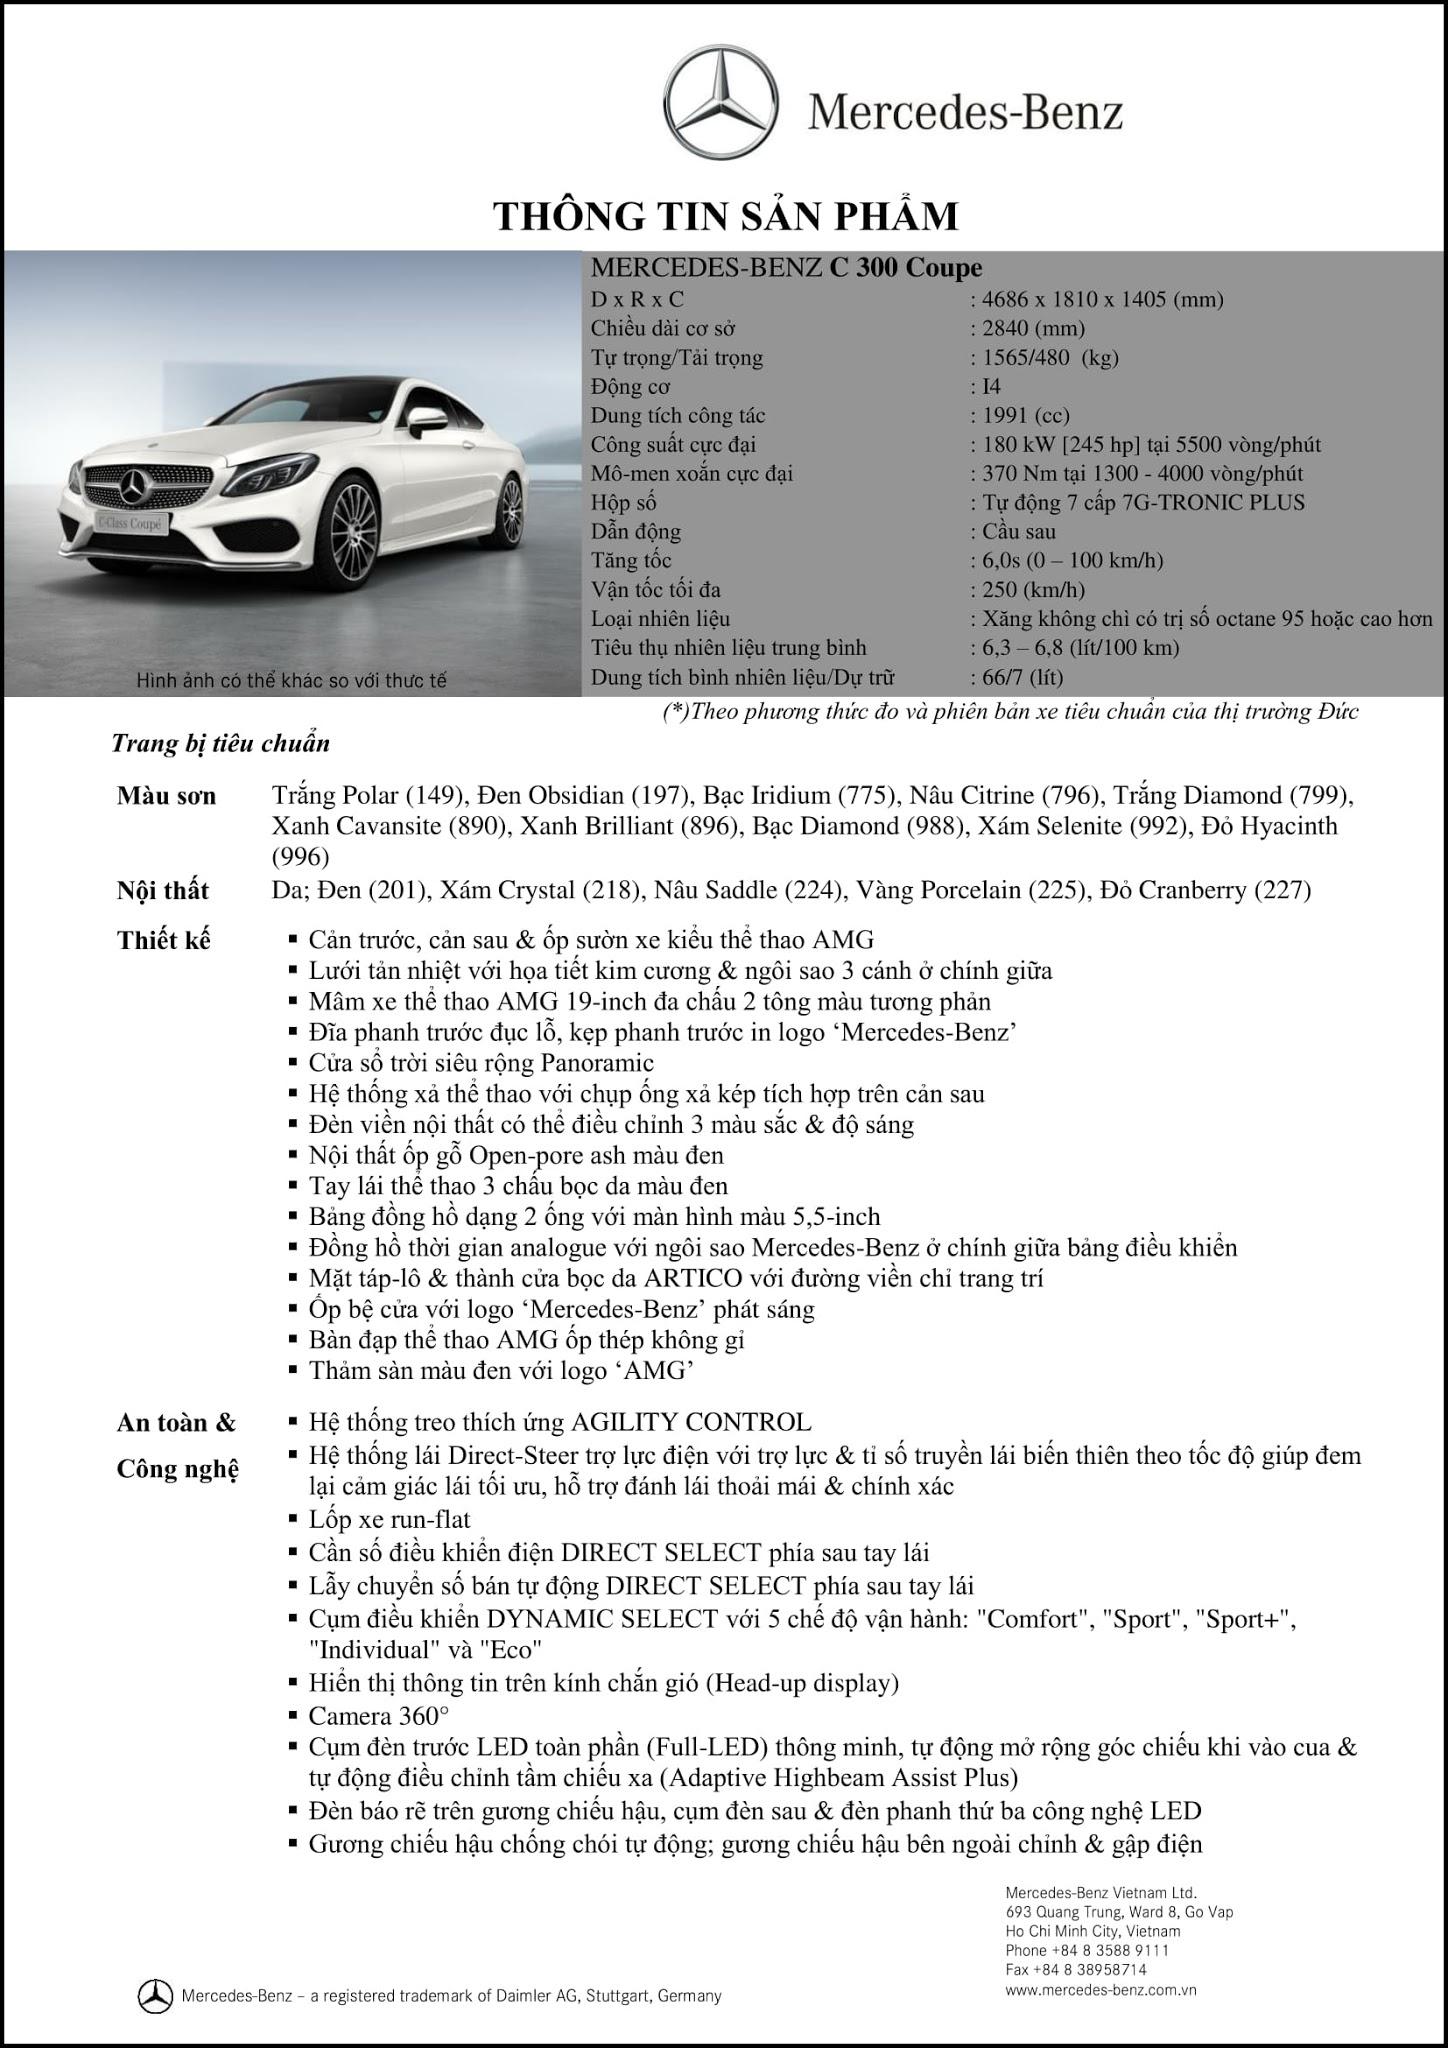 Bảng thông số kỹ thuật Mercedes C300 Coupe 2018 tại Mercedes Trường Chinh